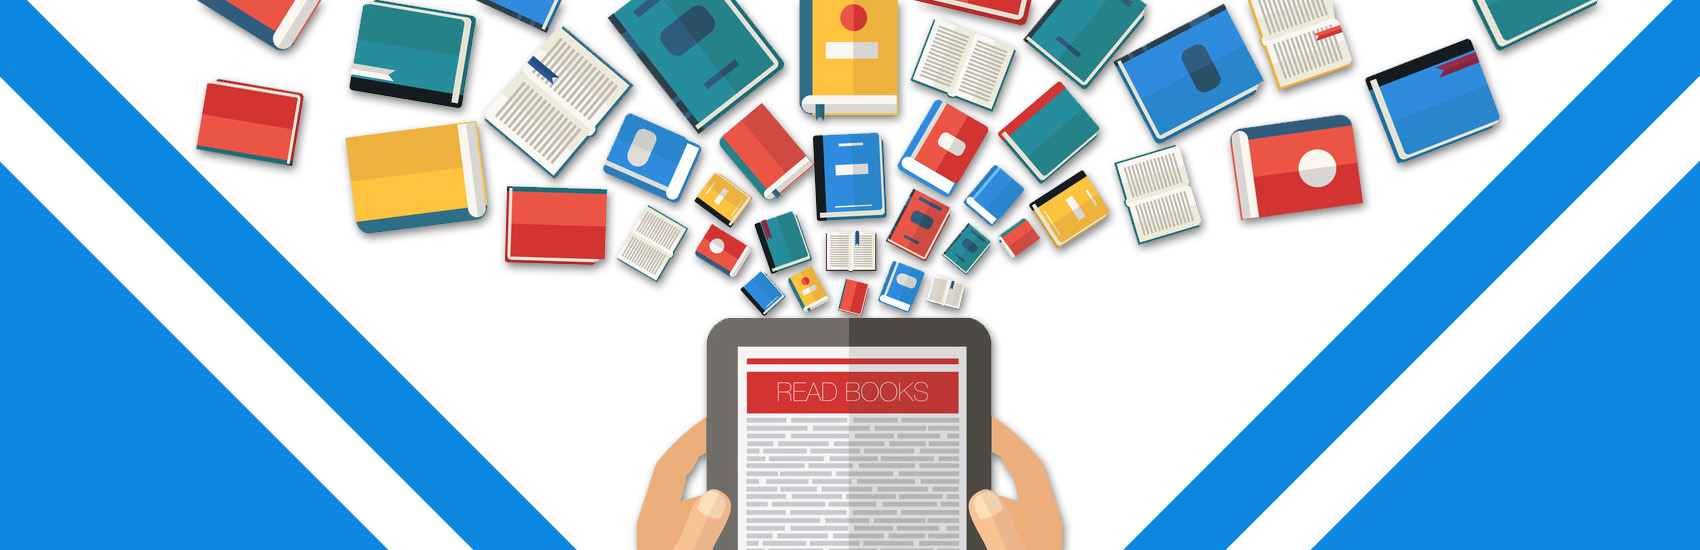 Как экономить время и деньги предпринимателю: изучаем приложение Smart Reading